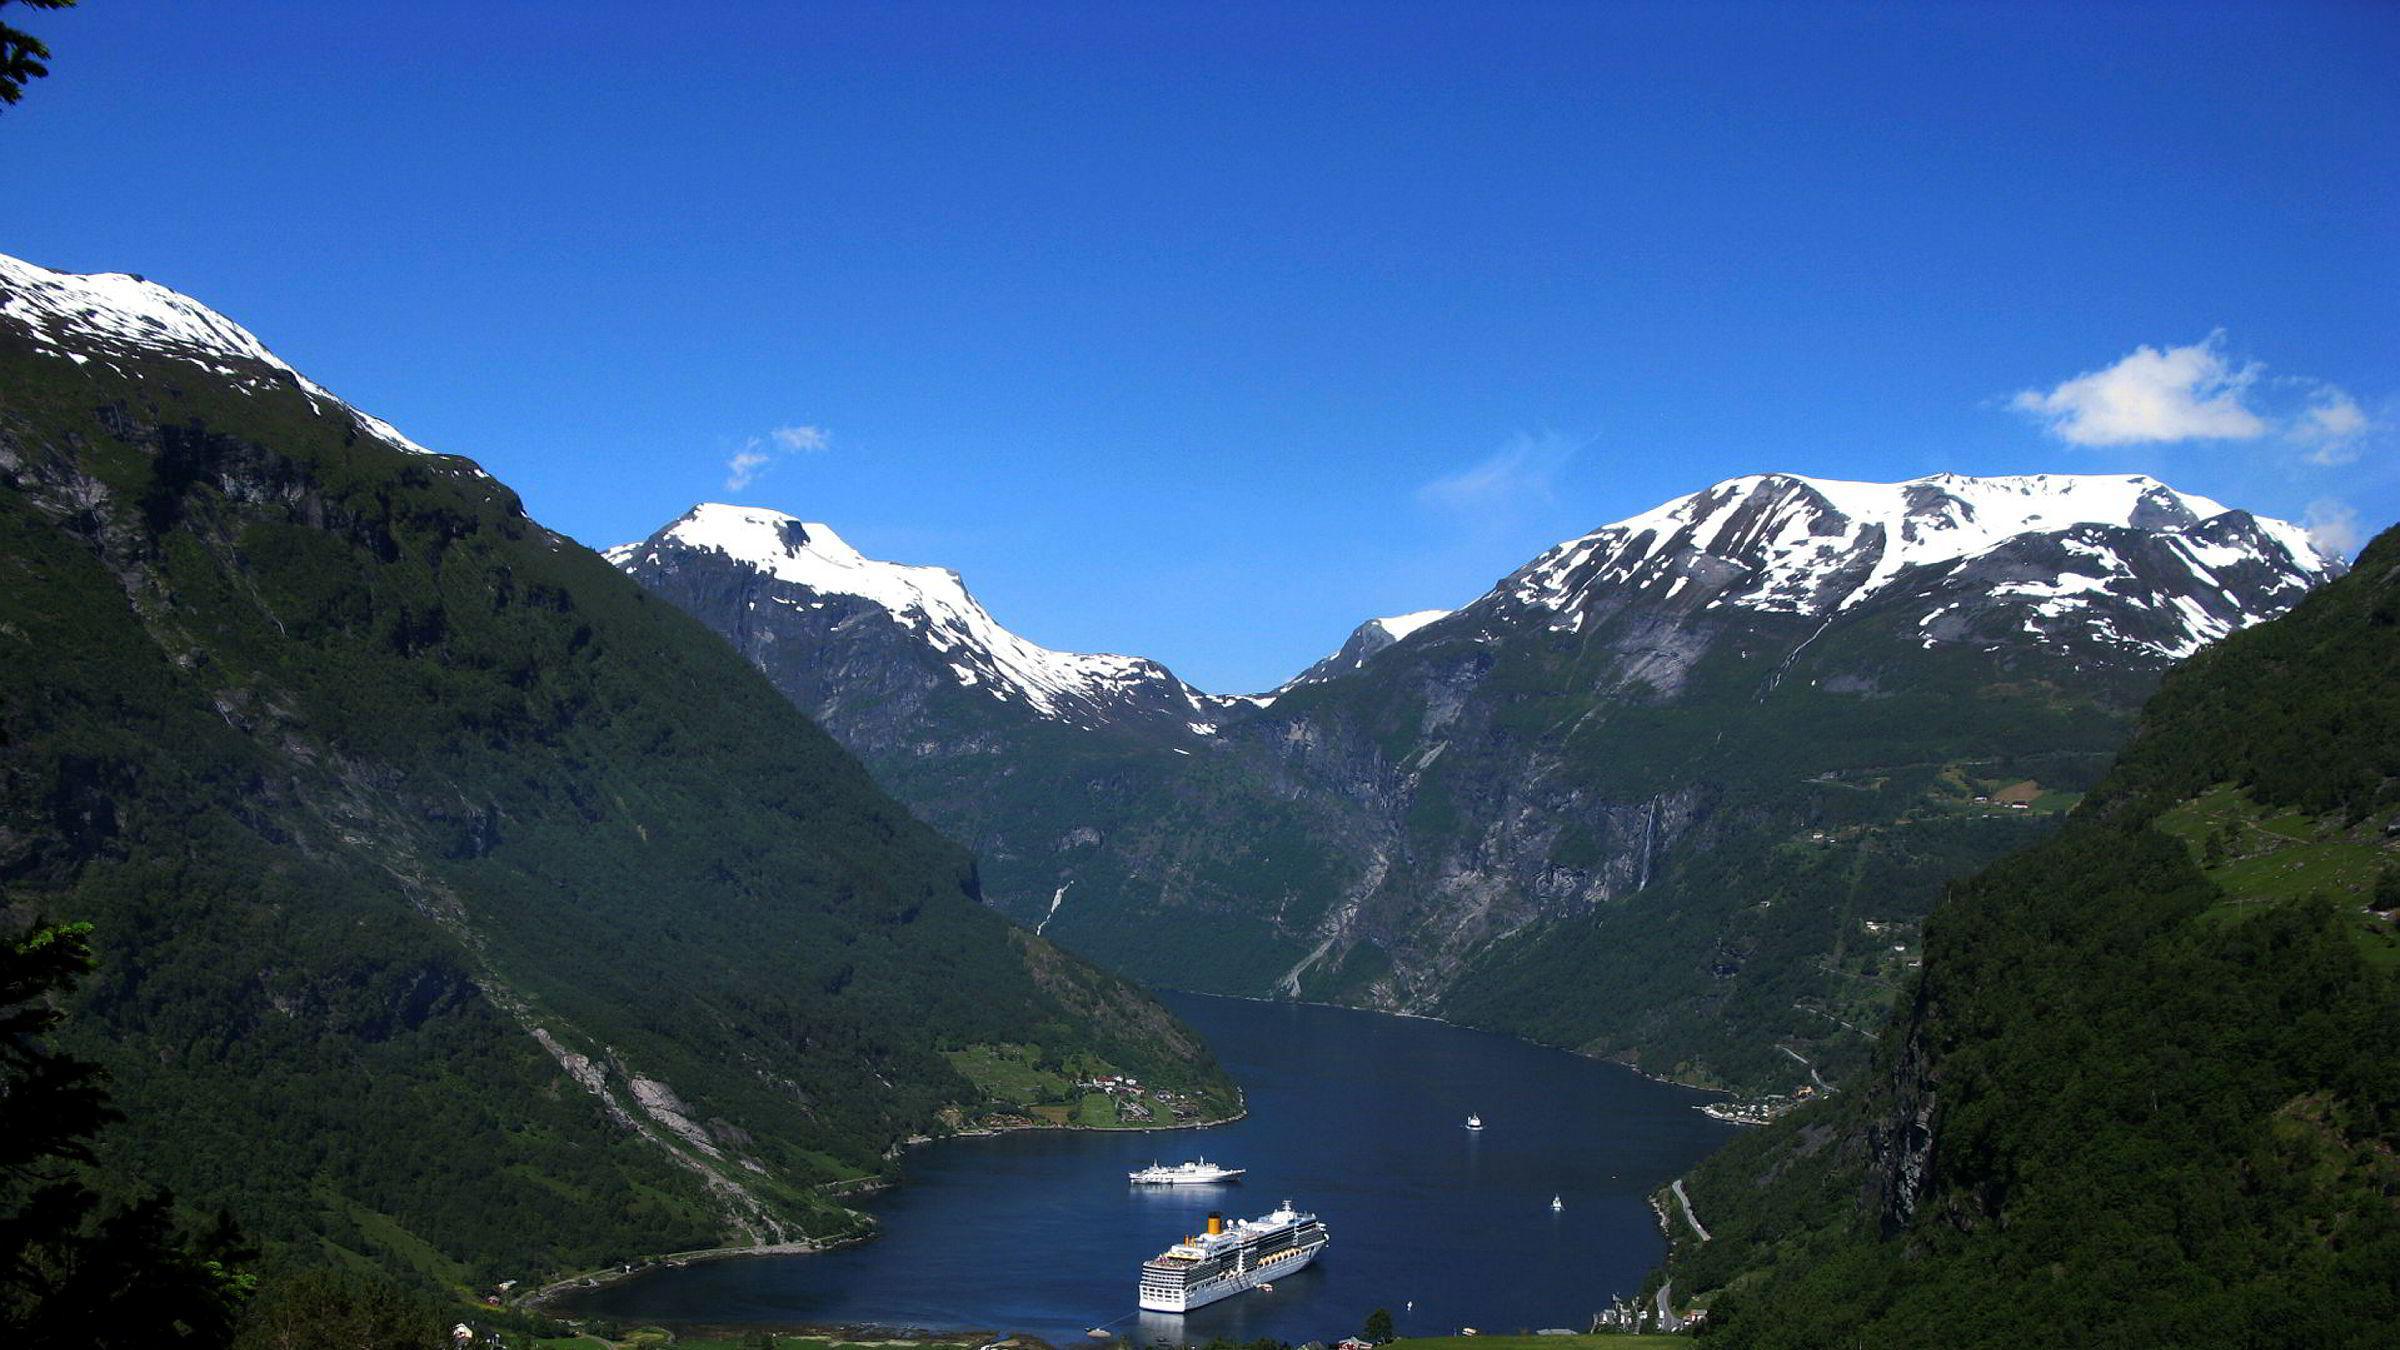 Det ventes rekordmange cruisegjester til Norge i år. Bildet viser Geiranger, et av de mest populære cruiseanløpene her i landet.